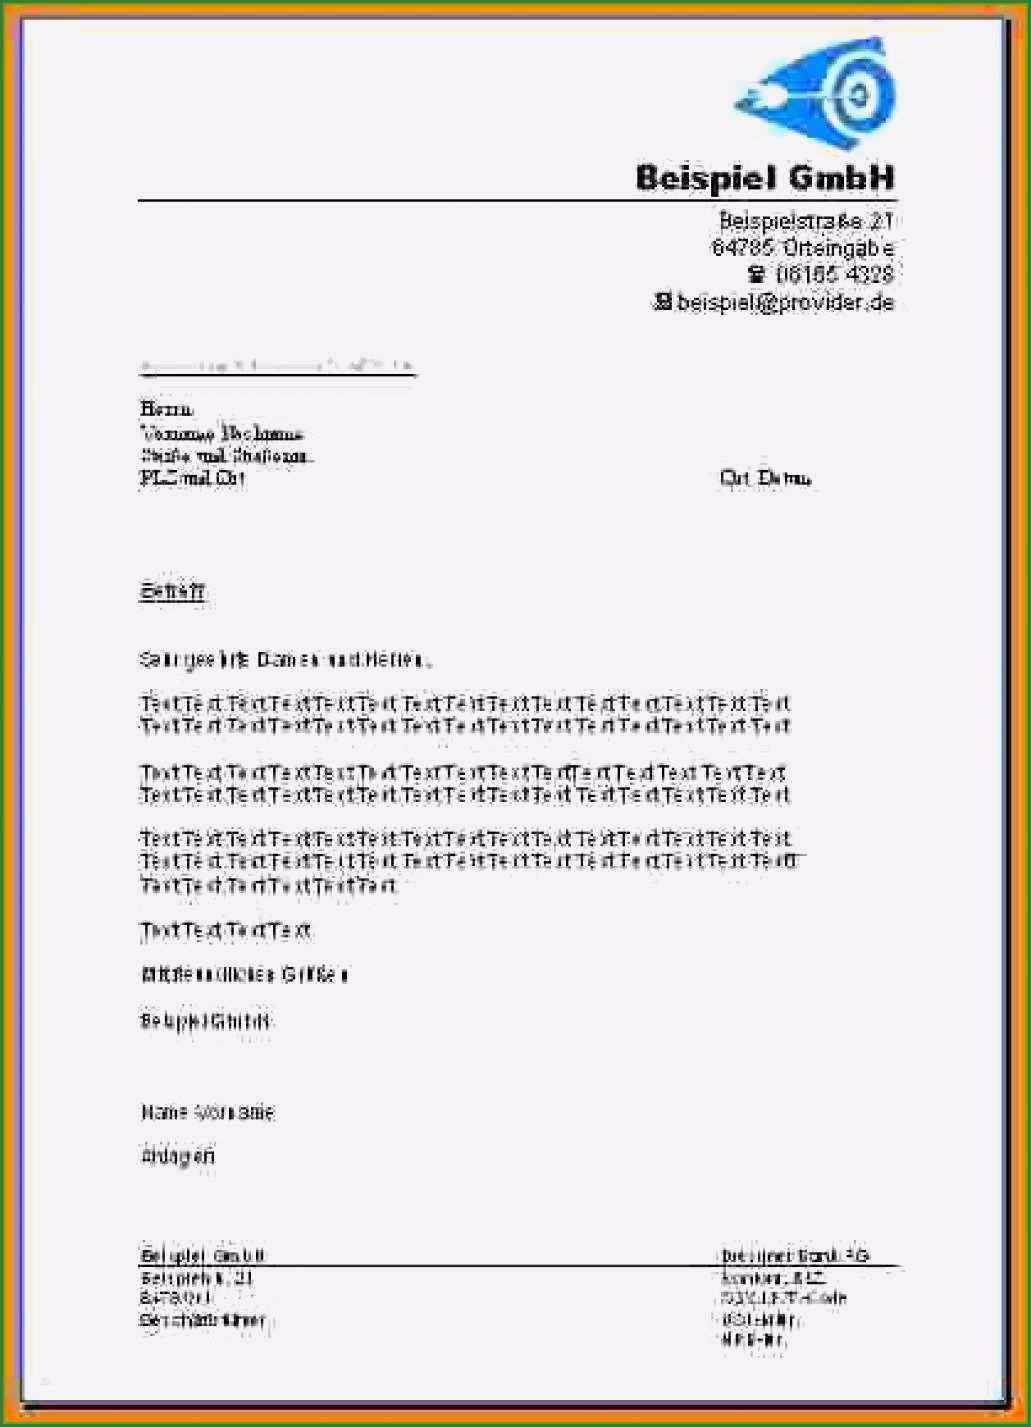 18 Erstaunlich Briefkopf Vorlage Briefkopf Vorlage Briefkopf Vorlagen